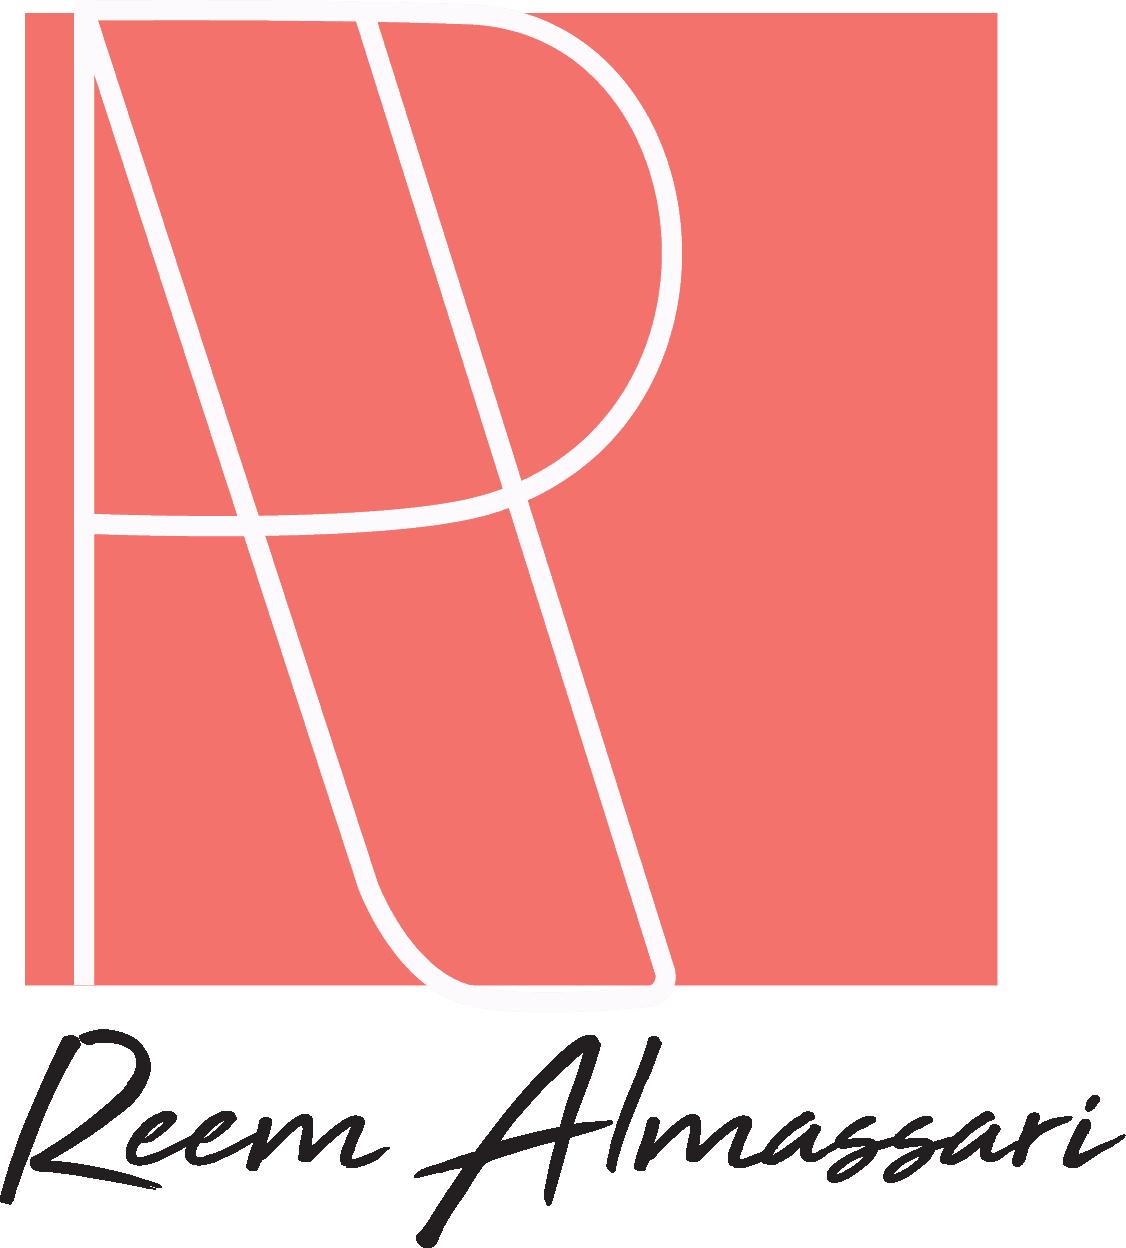 Reem Almassari